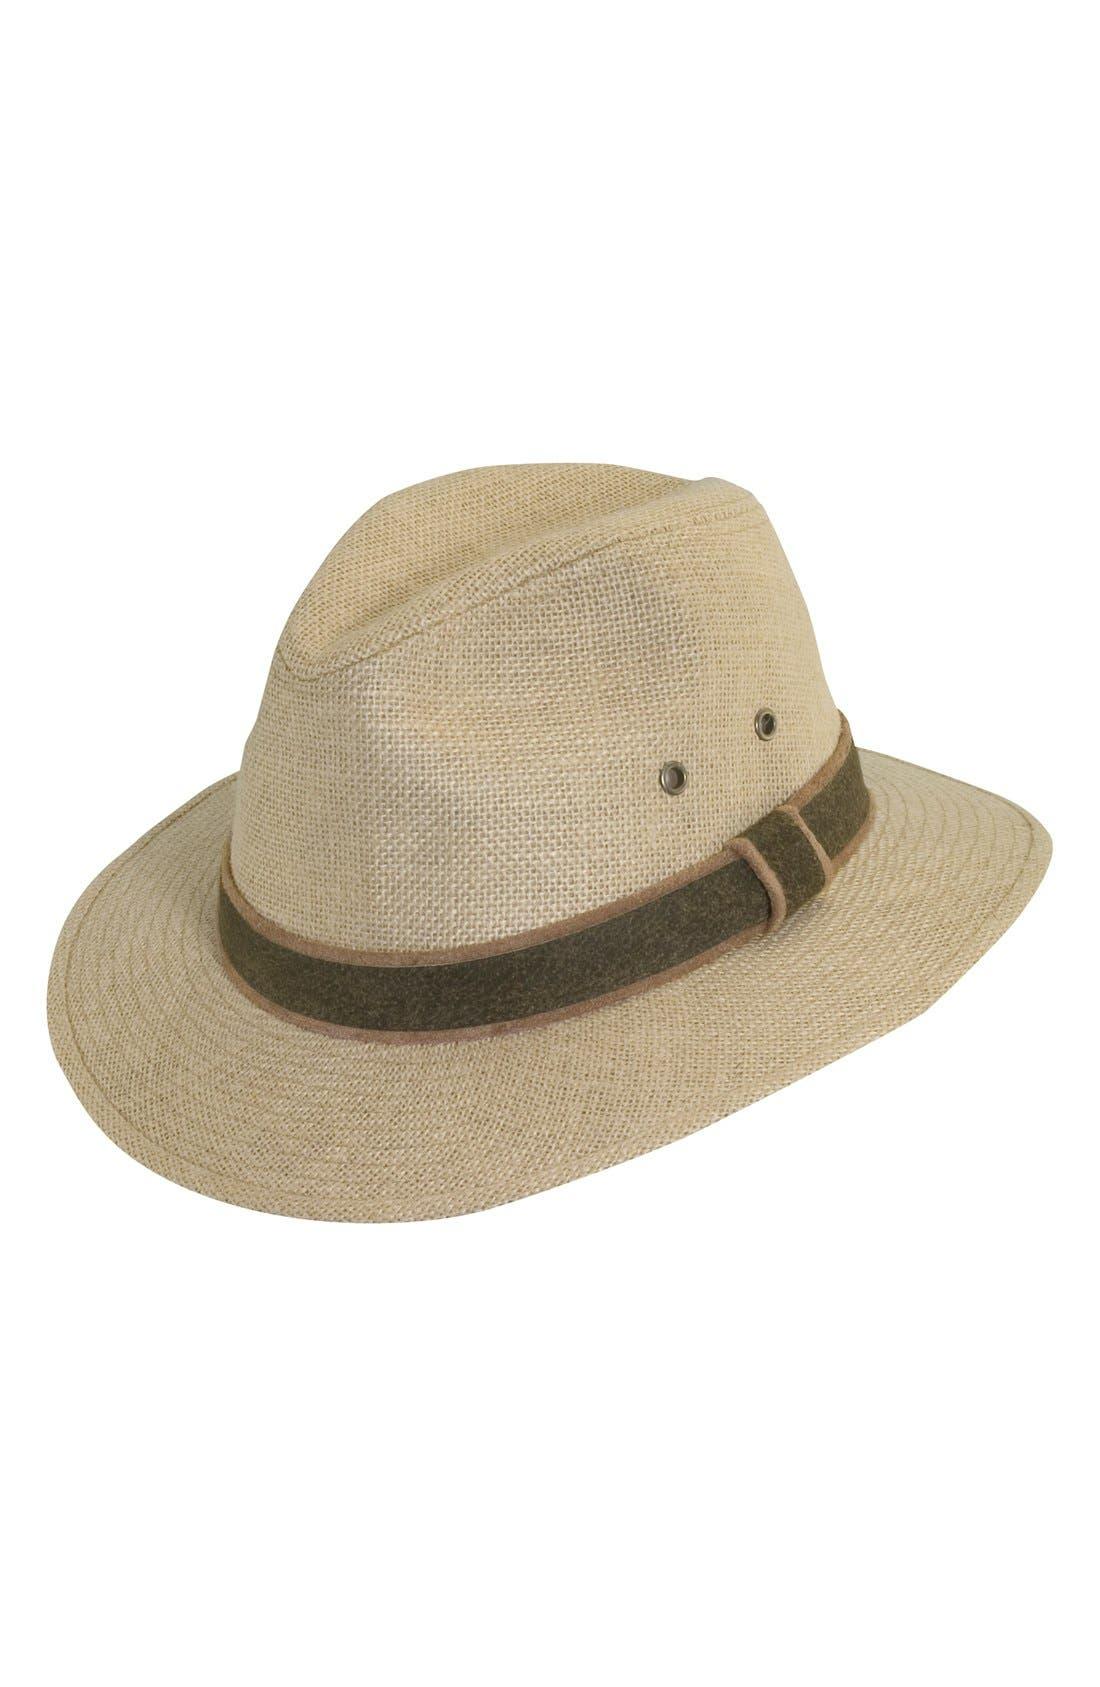 Hemp Safari Hat,                             Main thumbnail 1, color,                             Camel